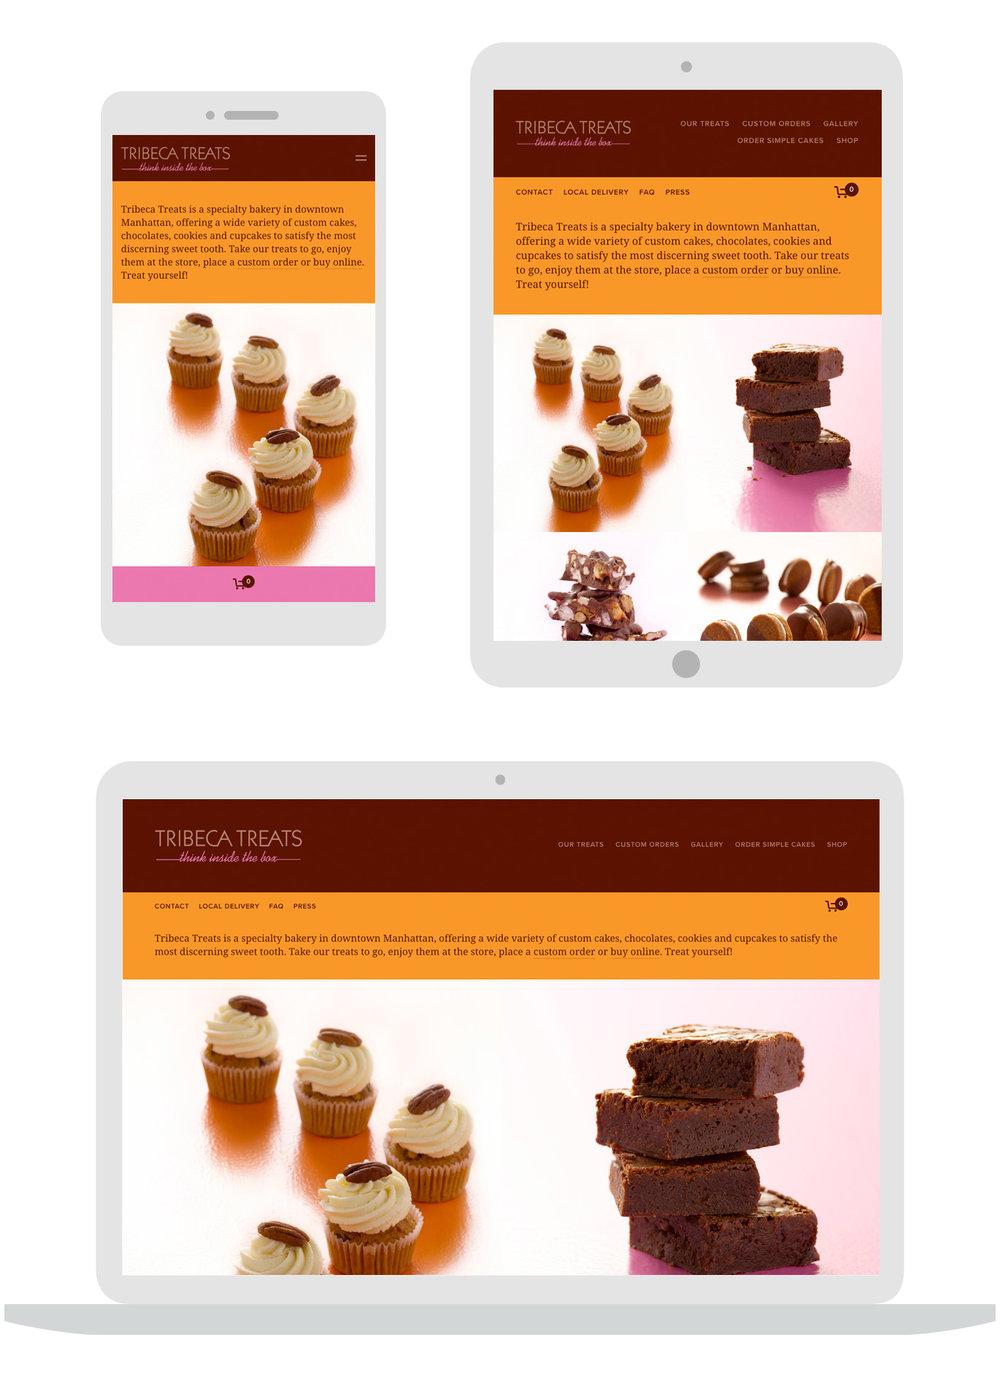 tribeca-treats-responsive-website_01.jpg